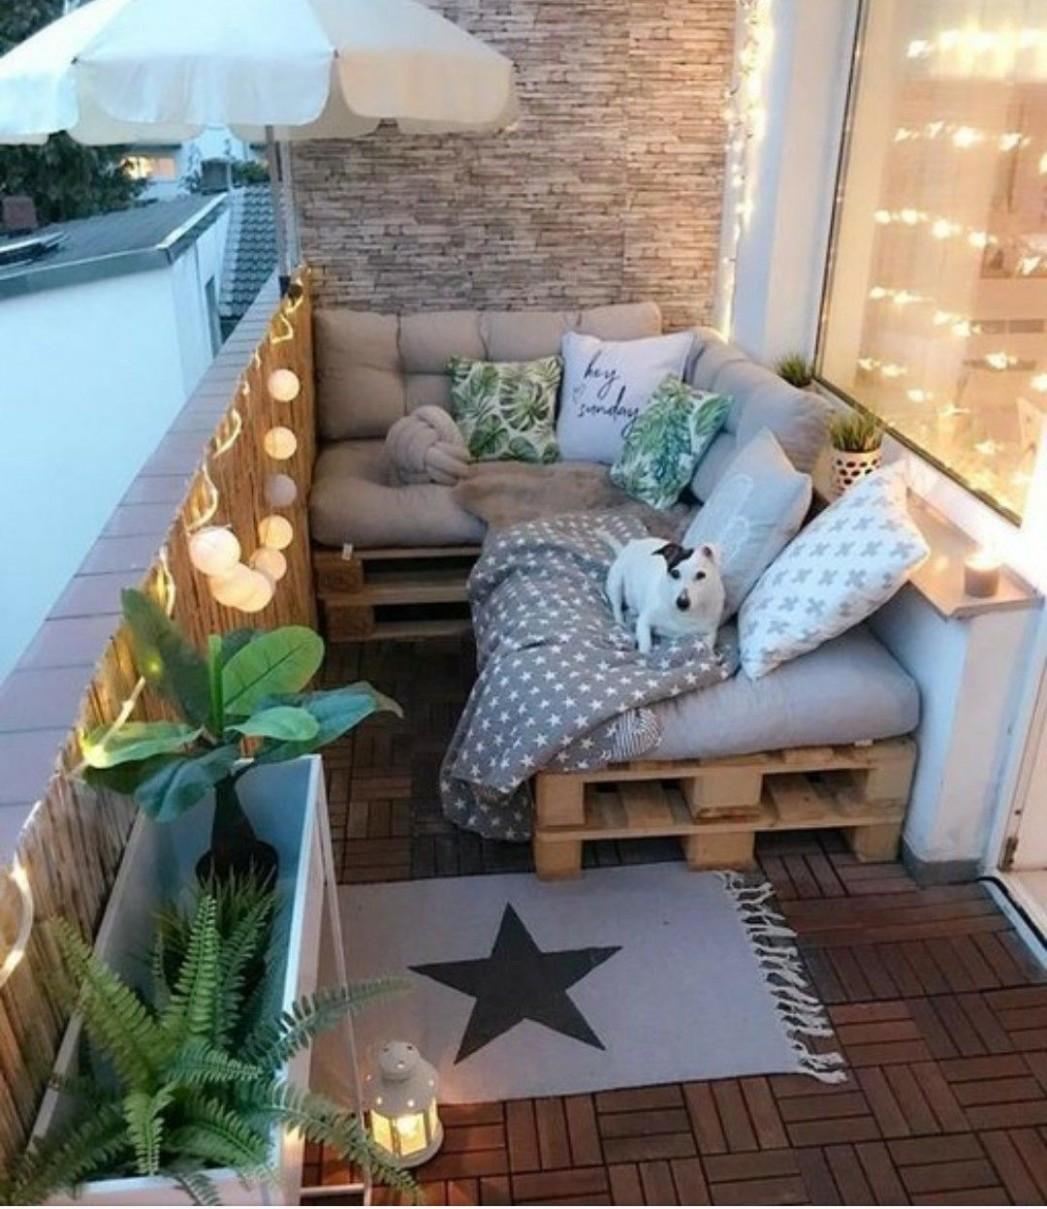 Small Balcony Ideas  Small balcony decor, First apartment  - Balcony Ideas Apartment